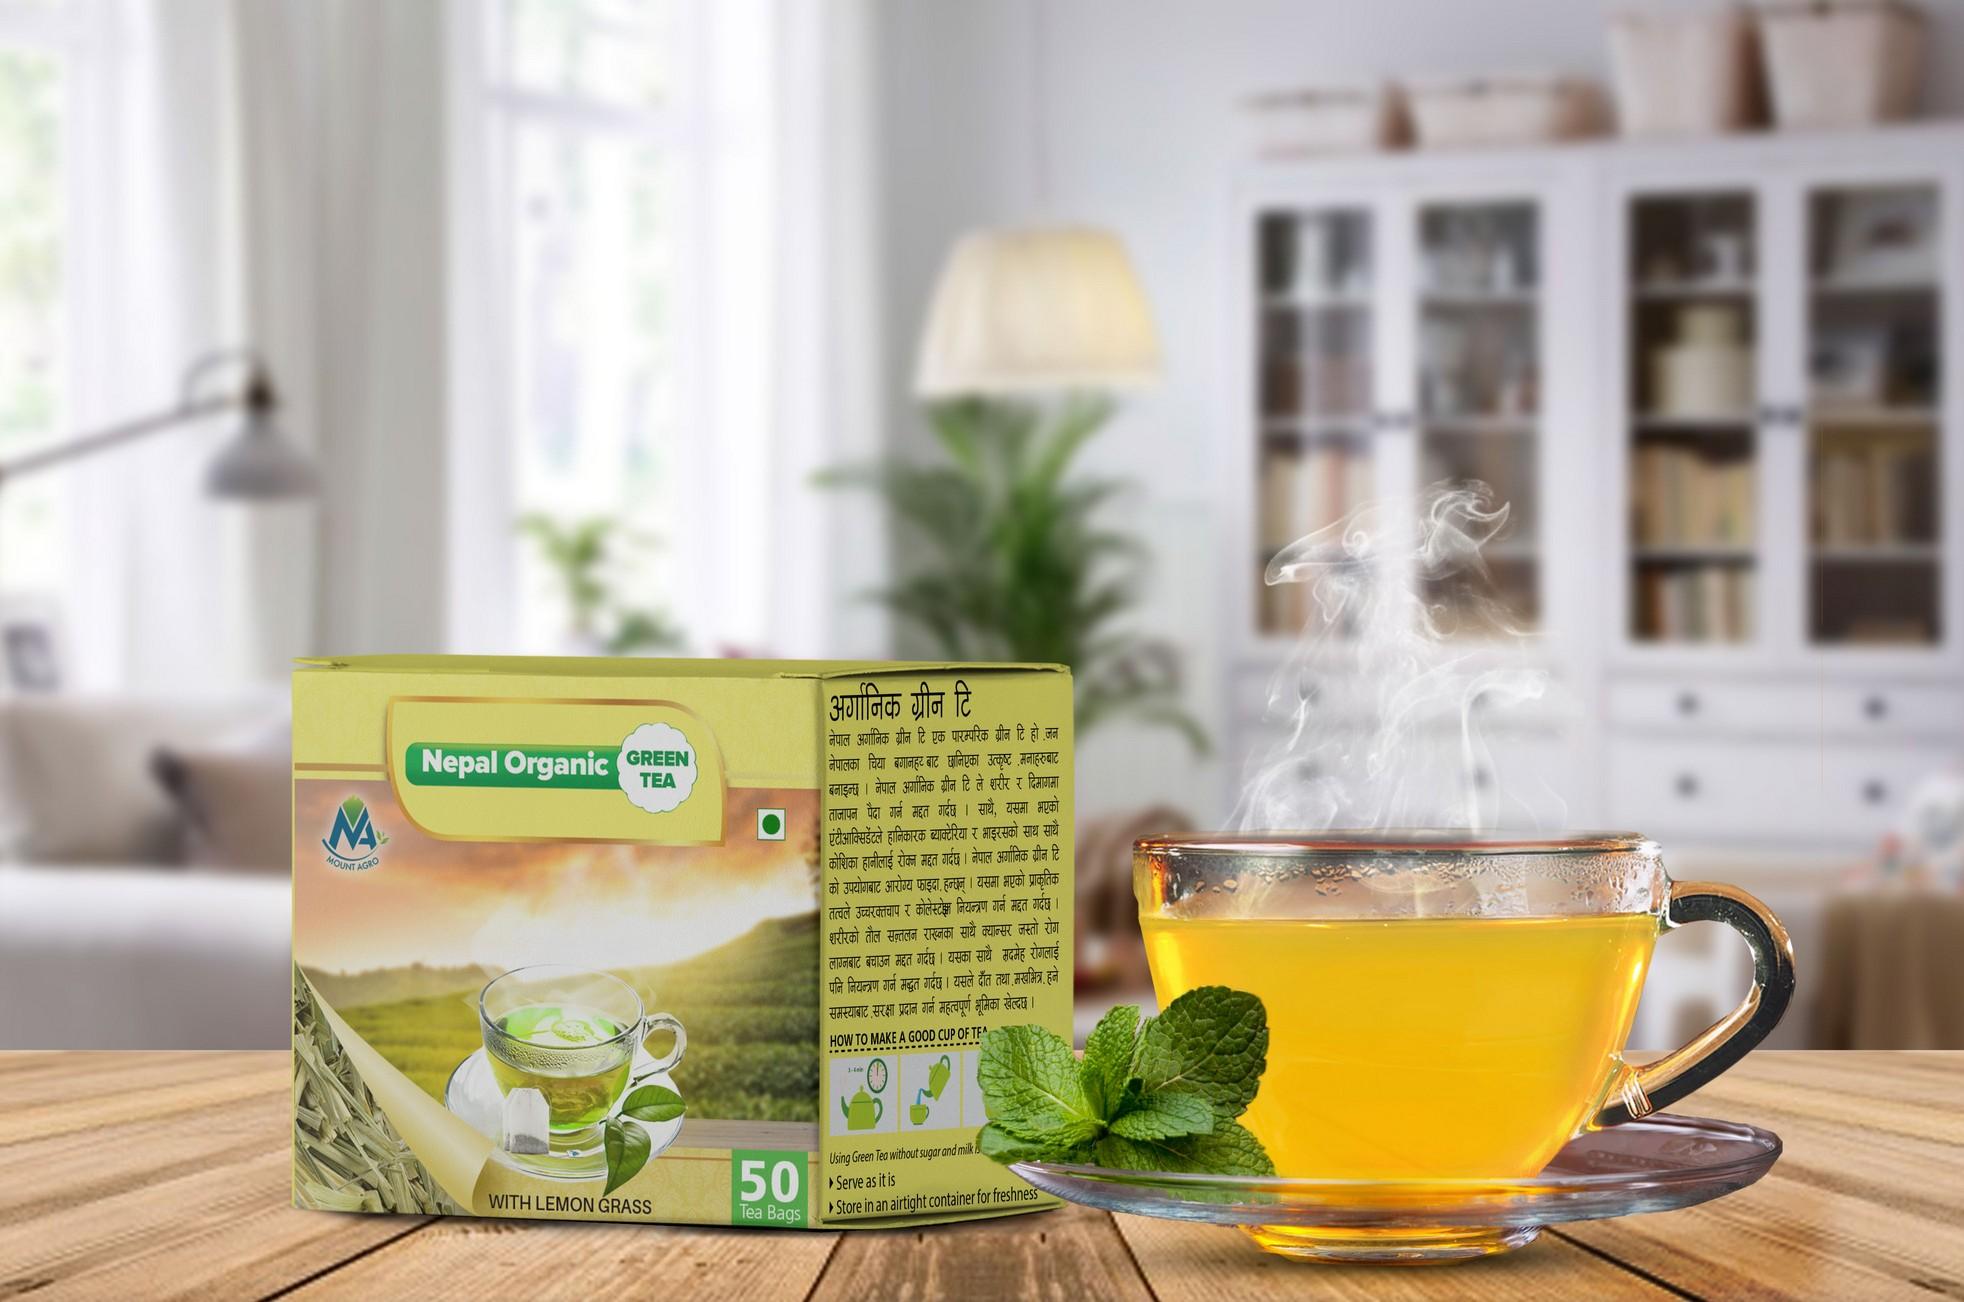 Green Tea with Lemongrass Flavour